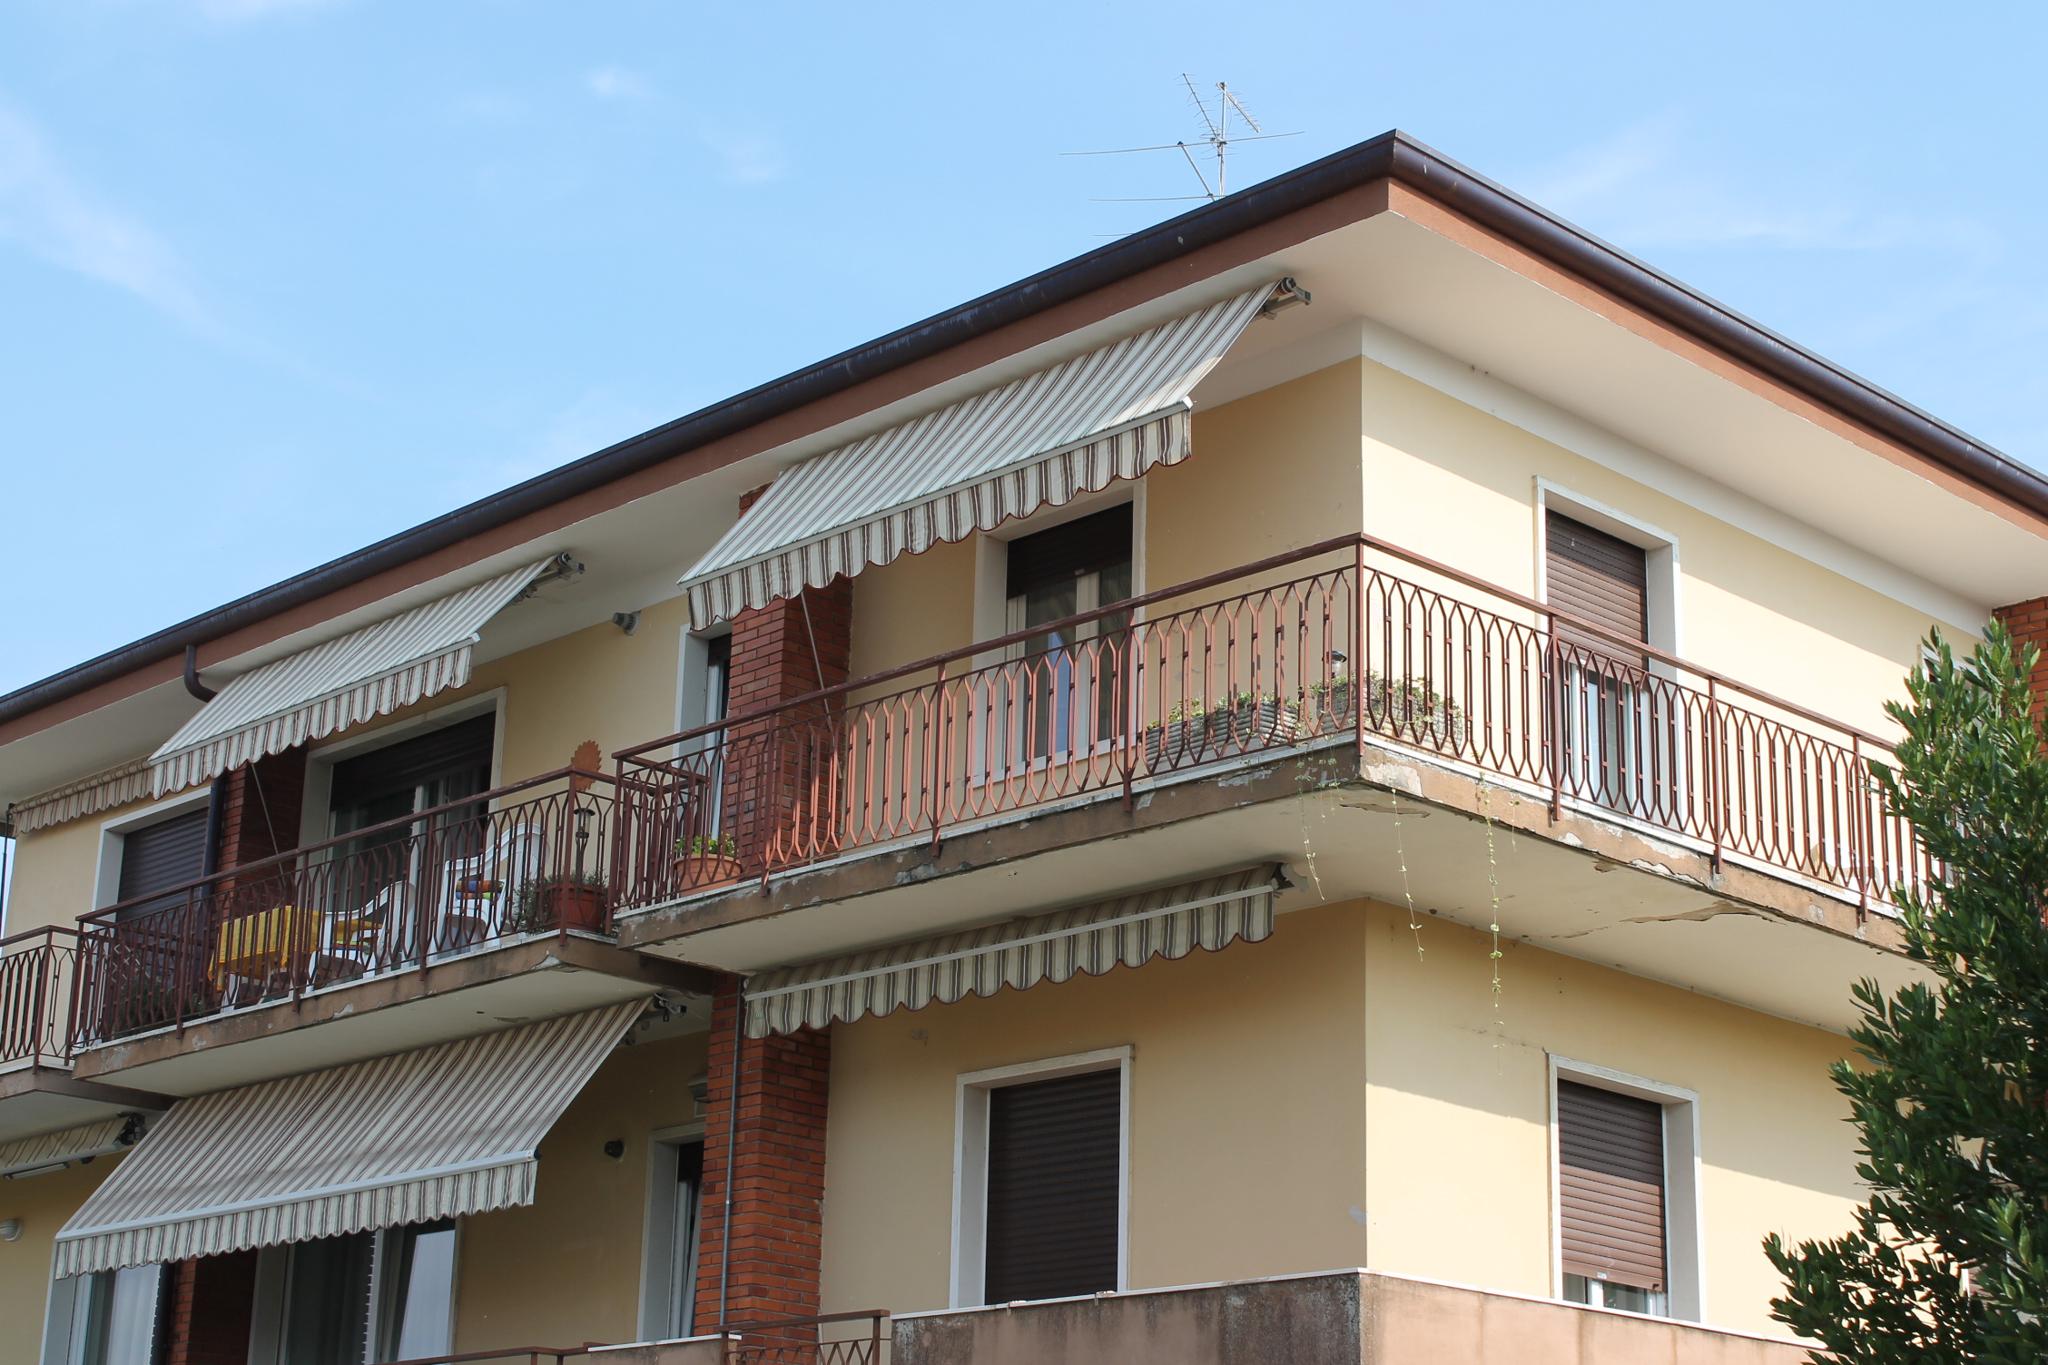 Ferienwohnung con balcone (488627), Lazise, Gardasee, Venetien, Italien, Bild 3